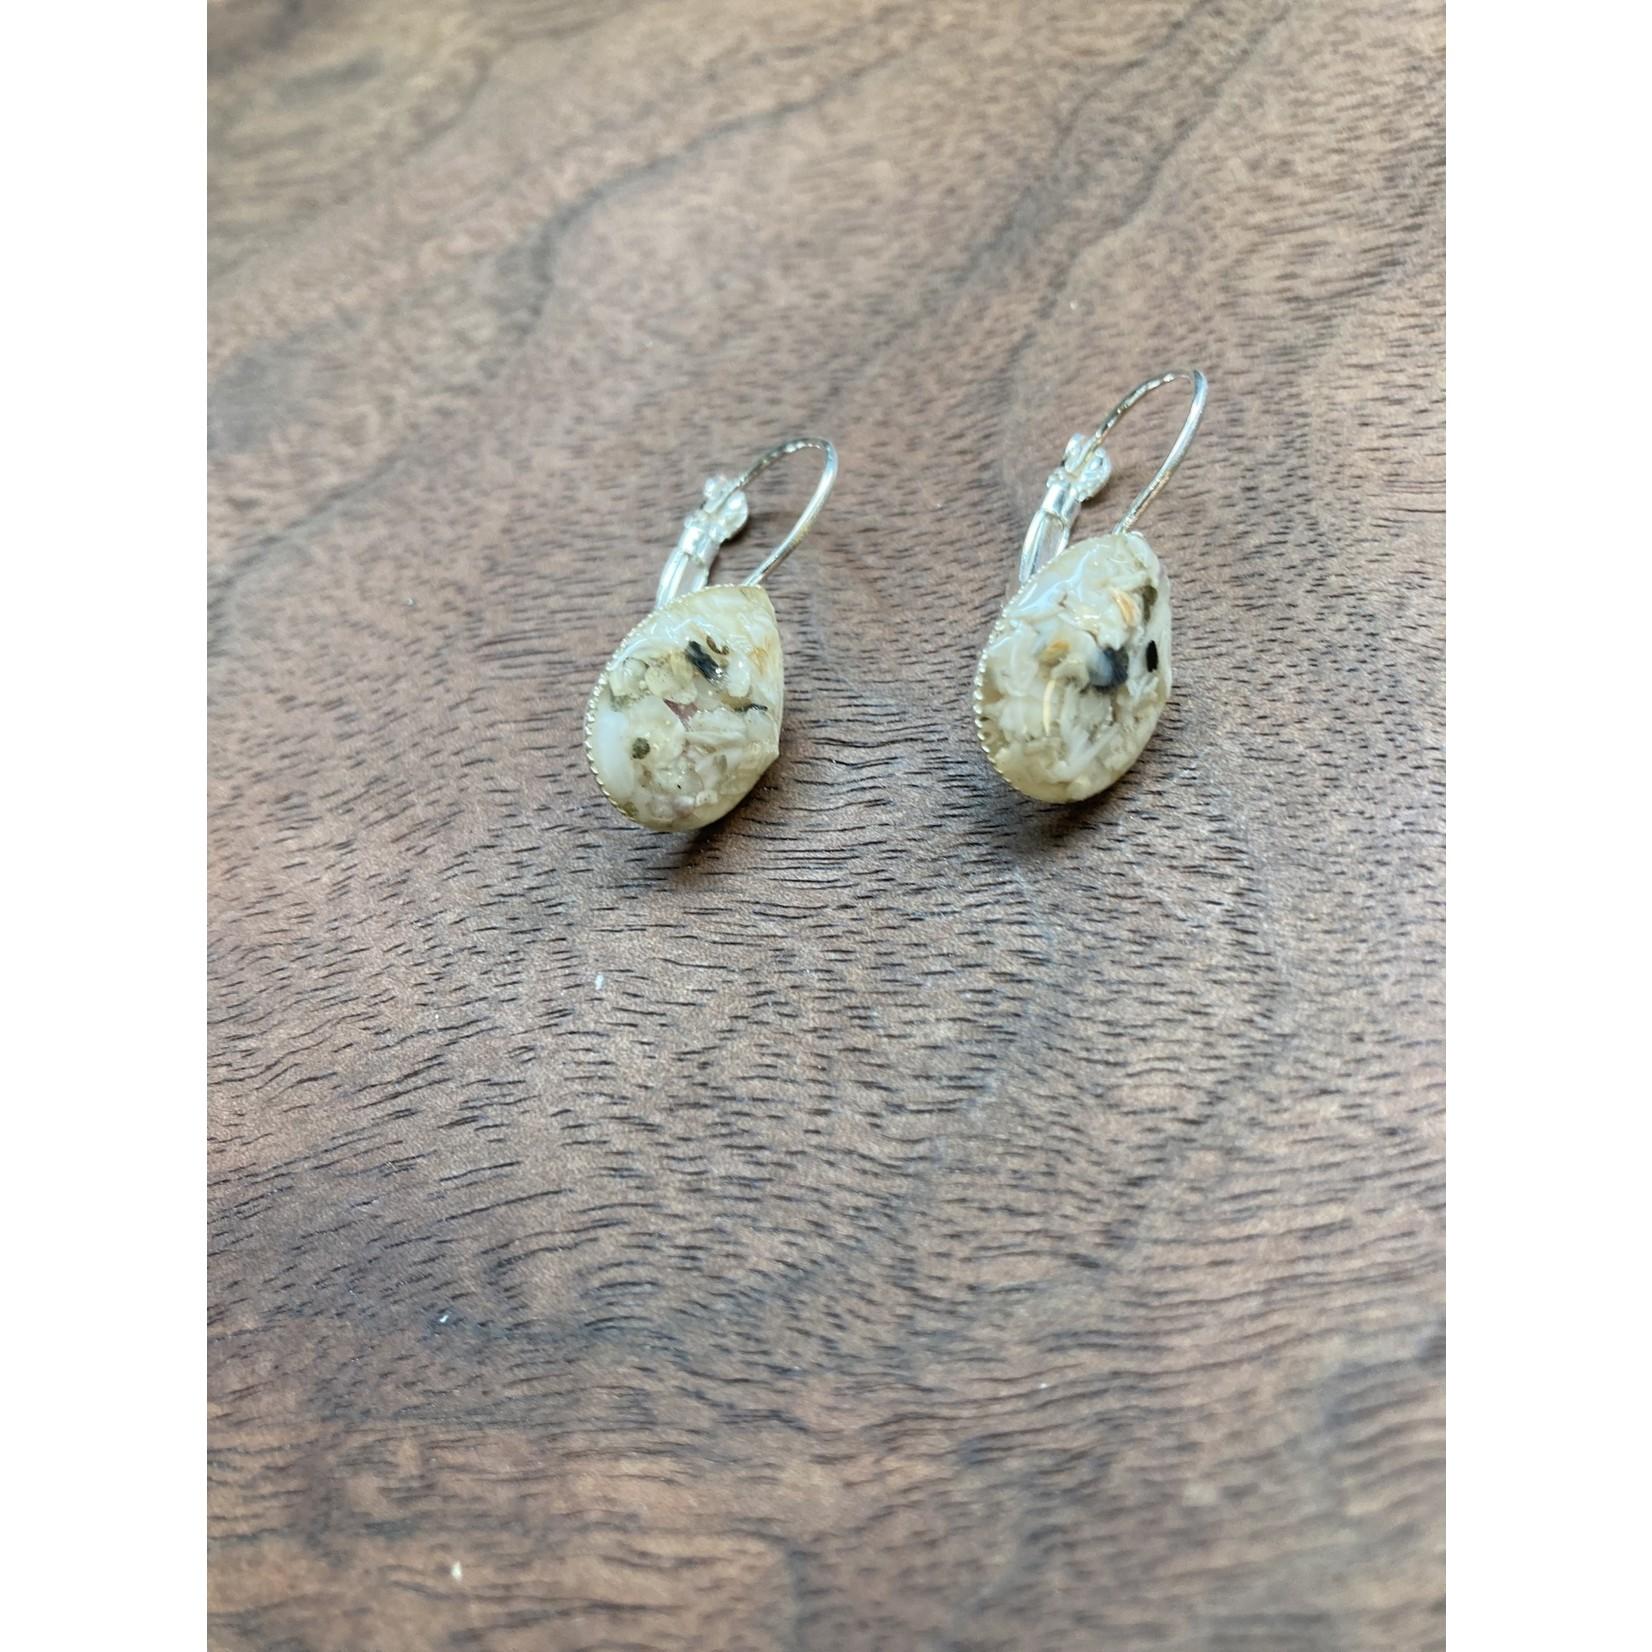 Colleen Hirsh Colleen Hirsh #107 silver tear drop sanibel earrings